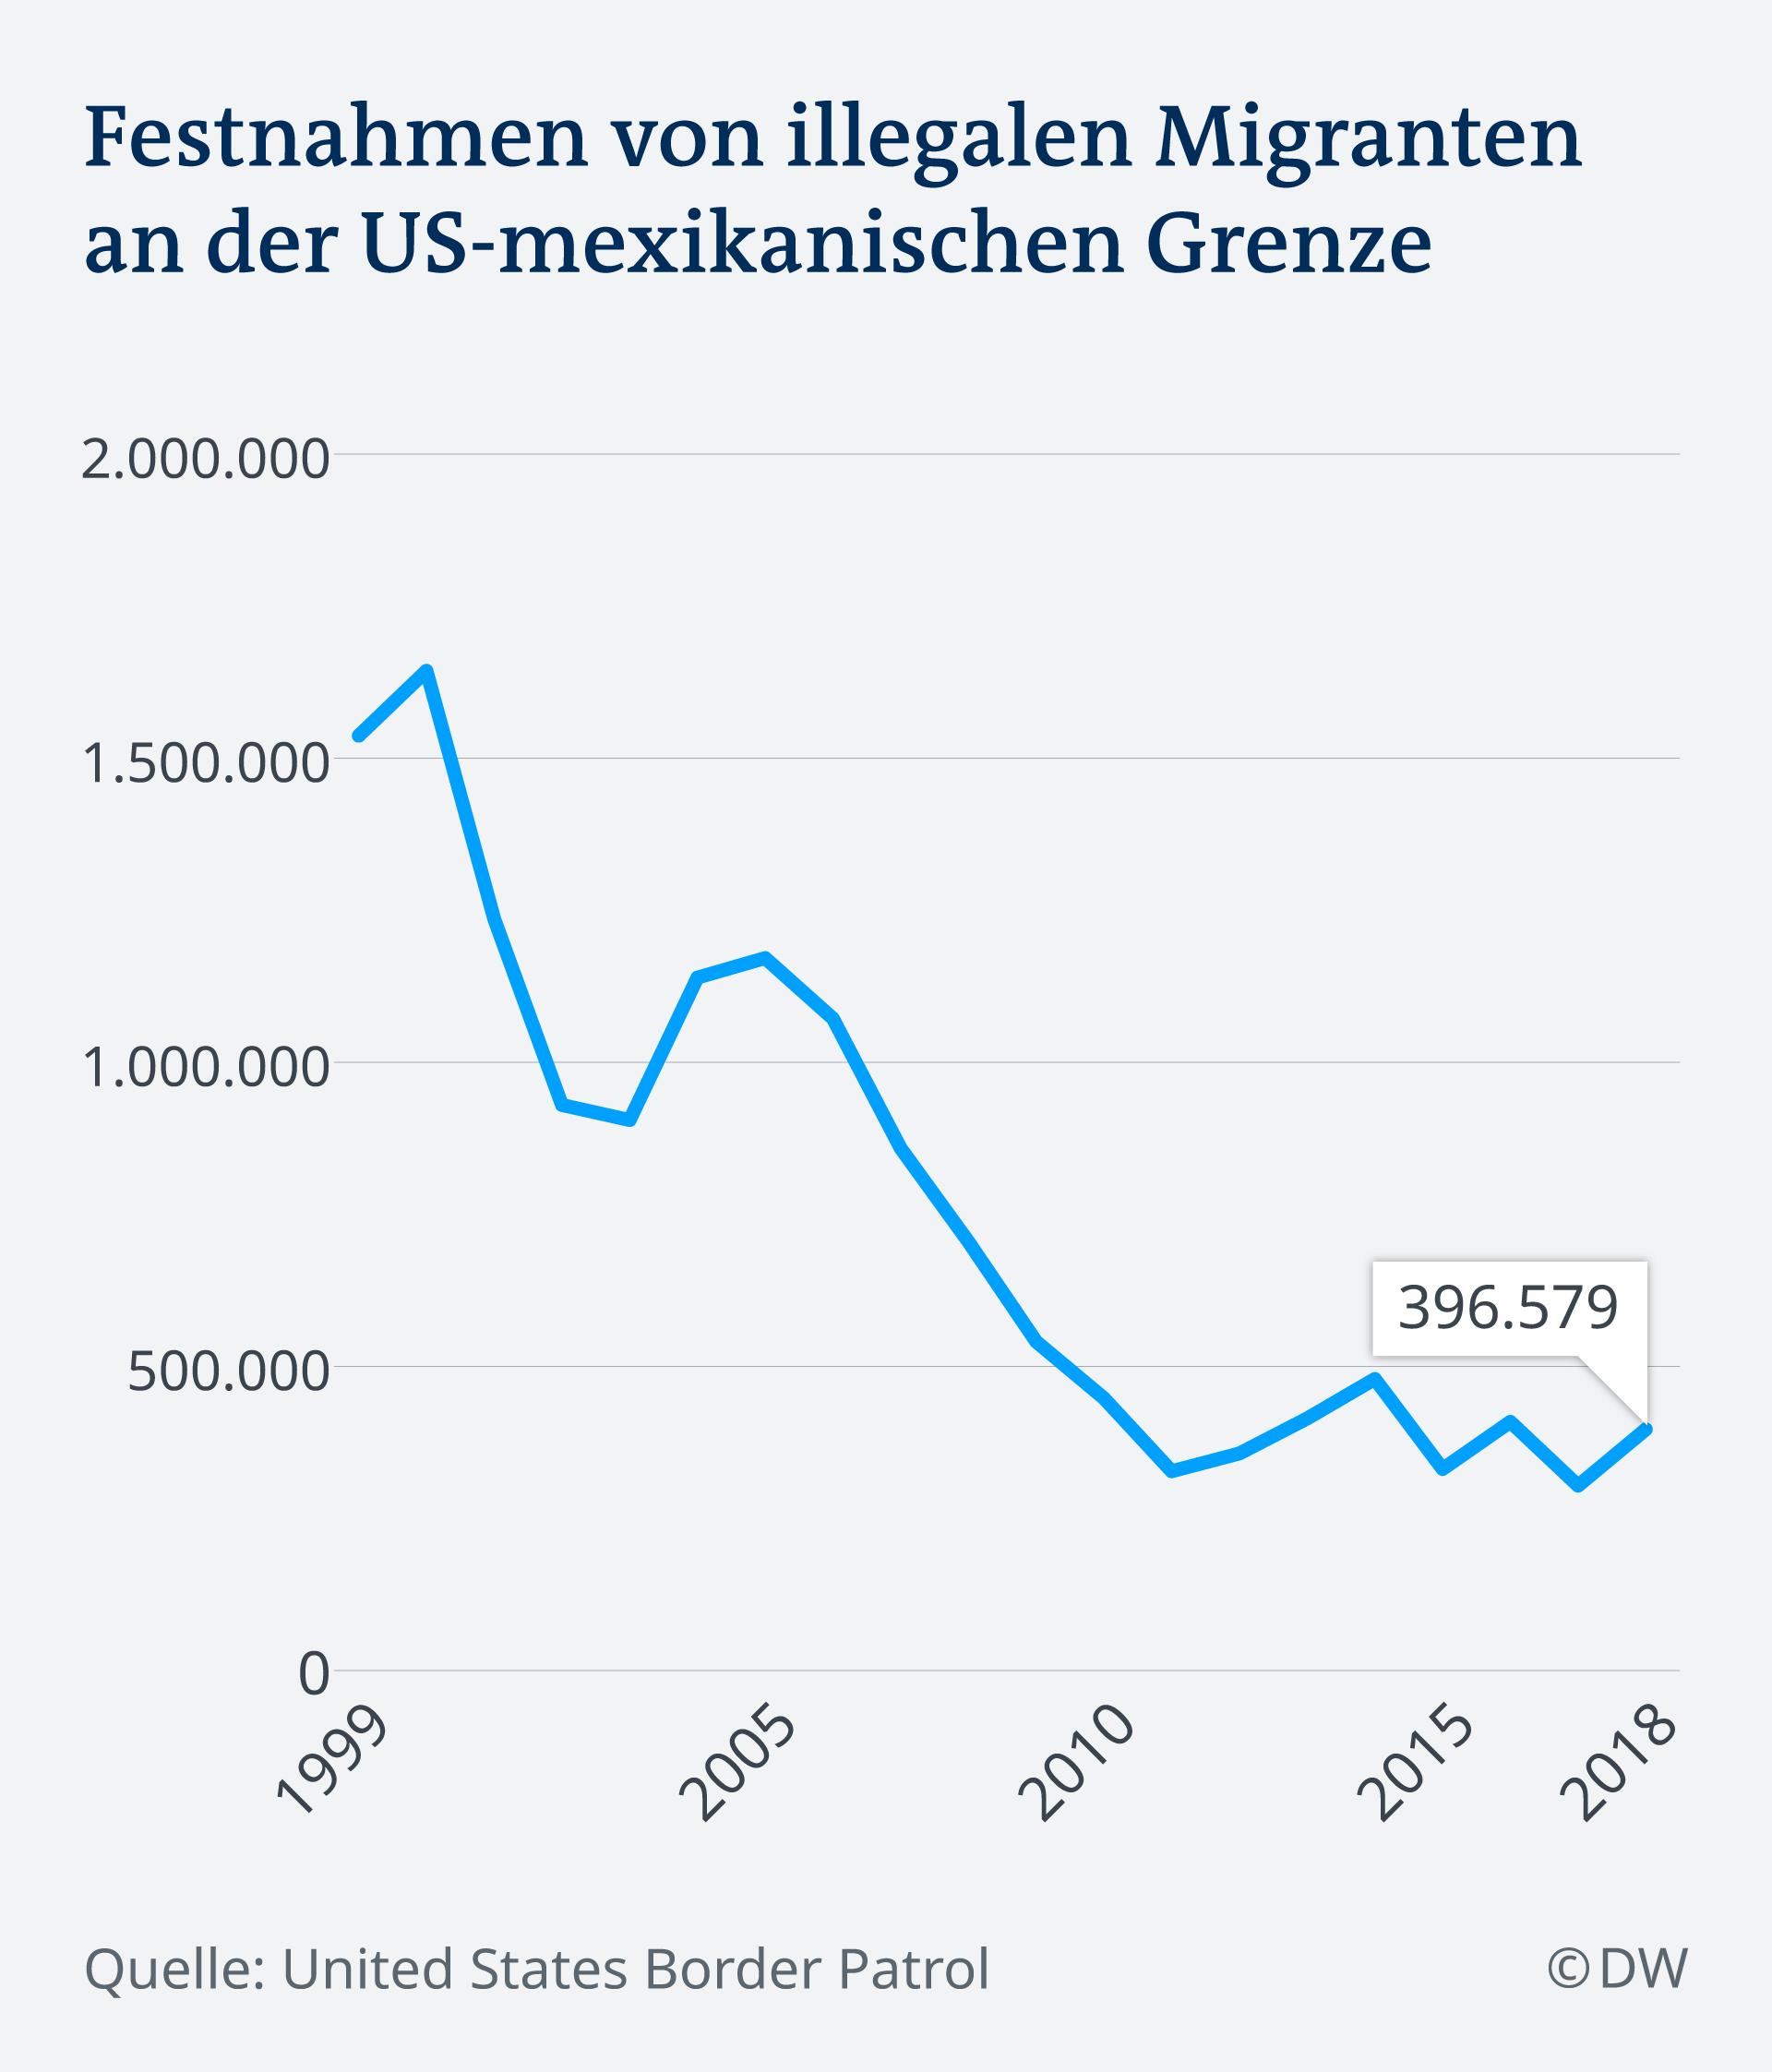 Infografik Festnahmen von illegalen Migranten USA Mexiko DE